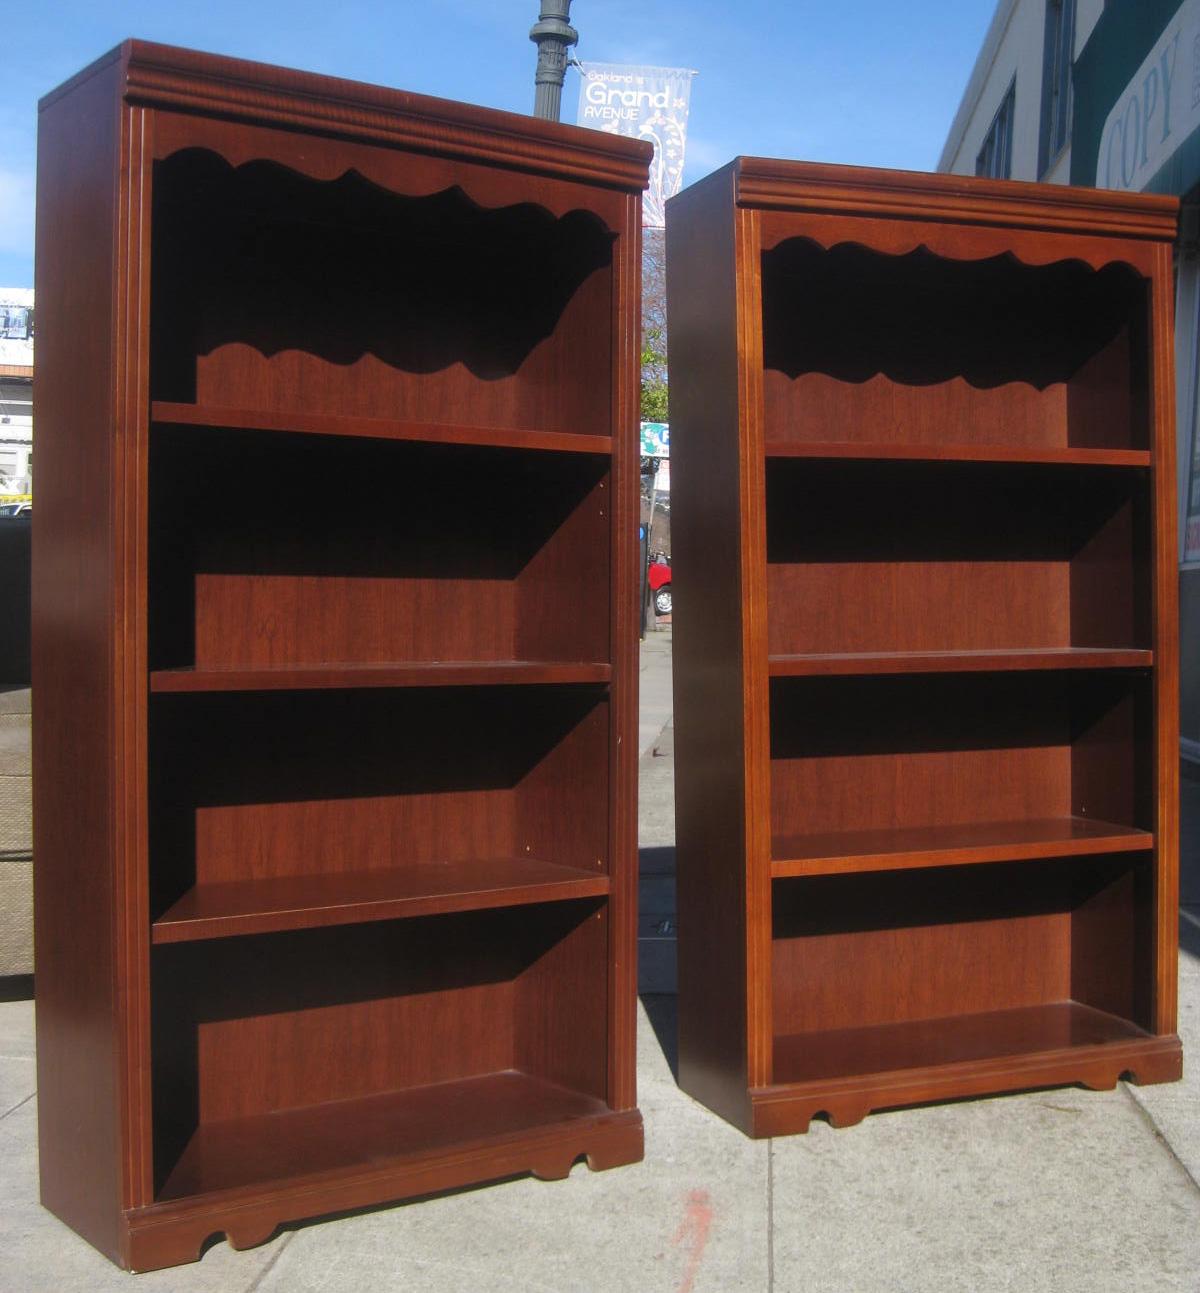 sold heavy duty bookshelves 75 each - Heavy Duty Bookshelves